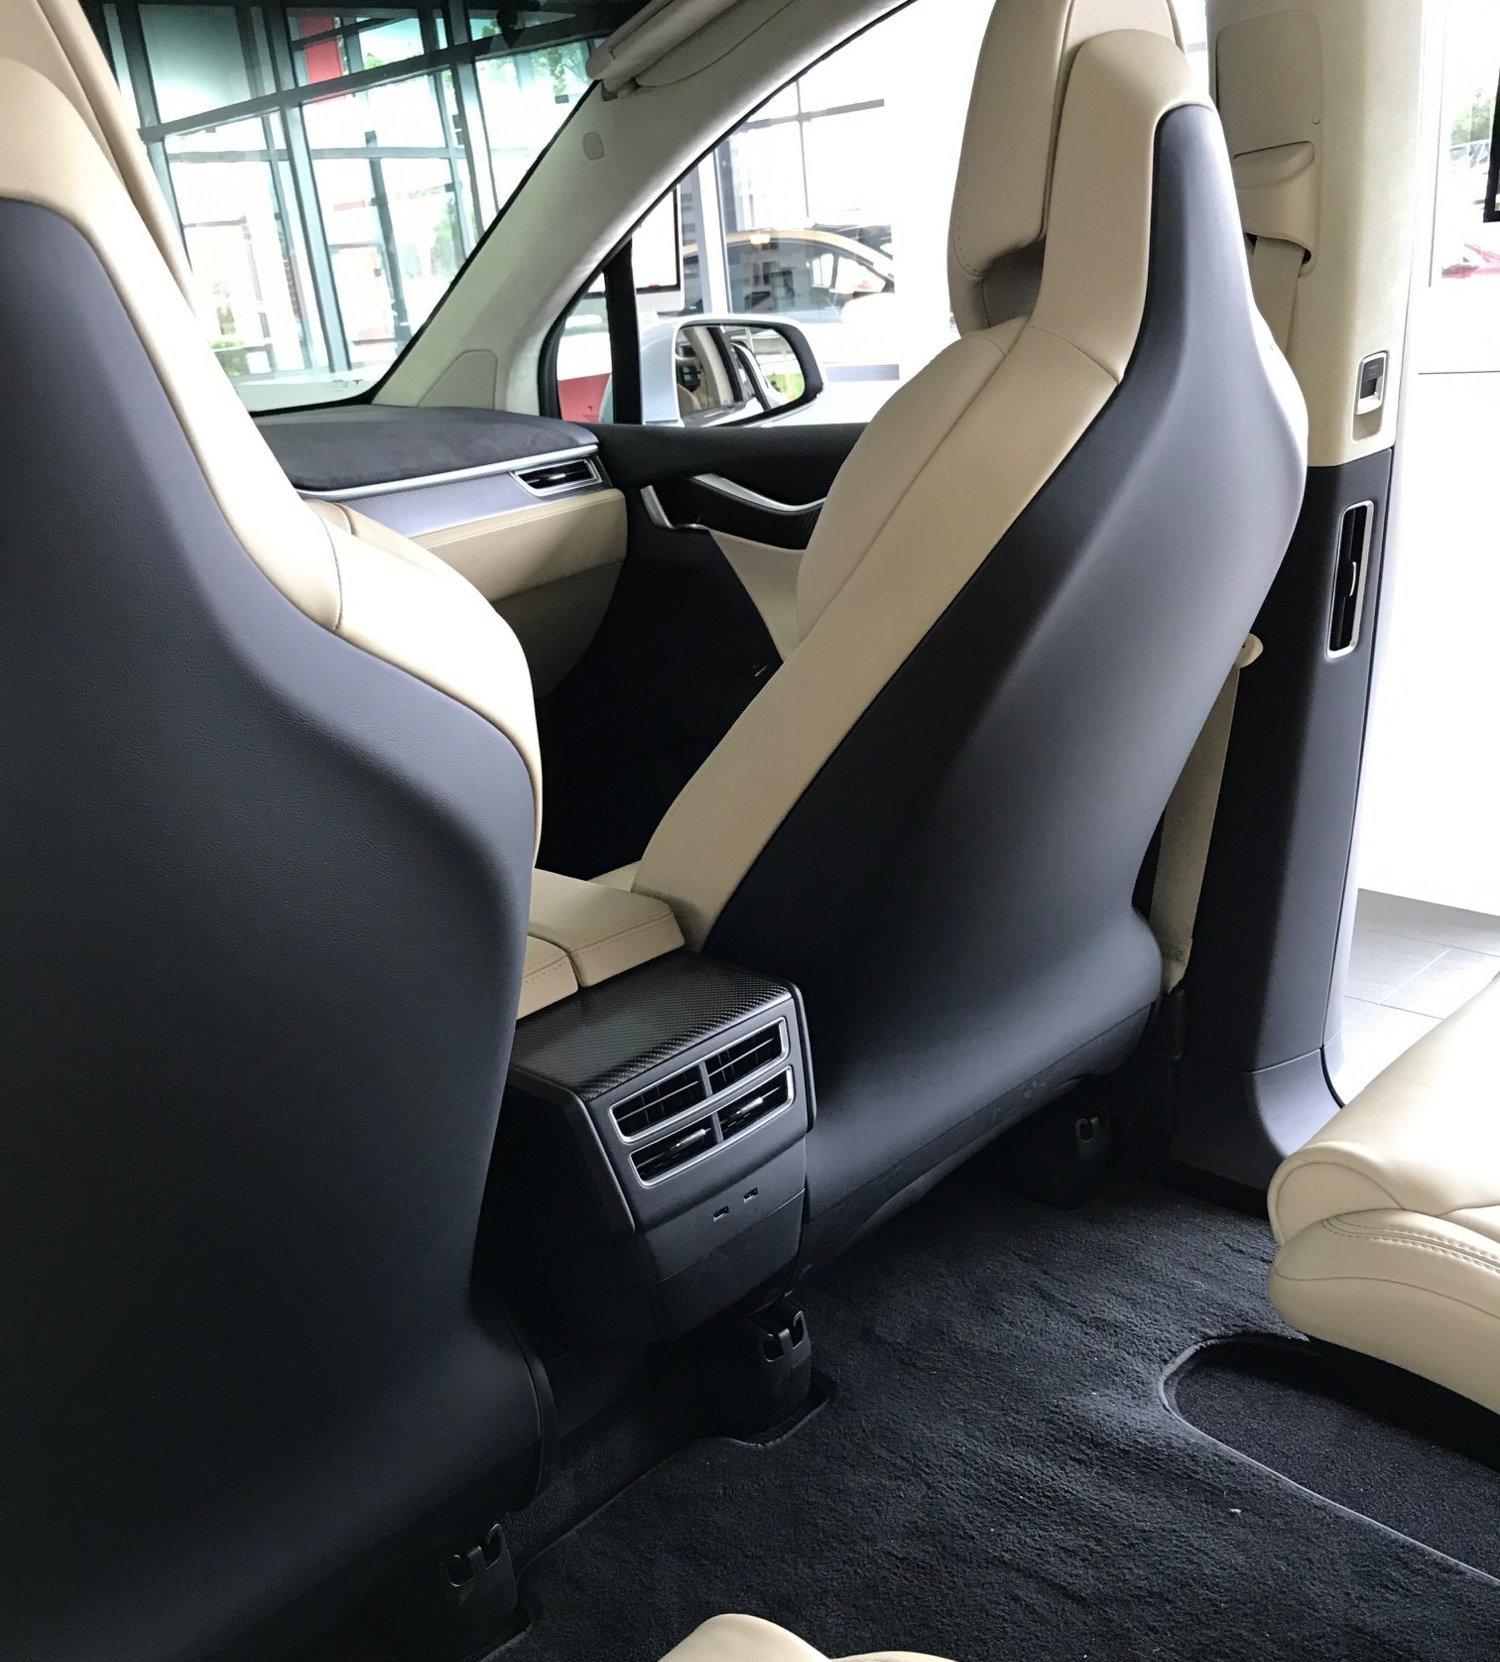 model-x-matte-seat-back